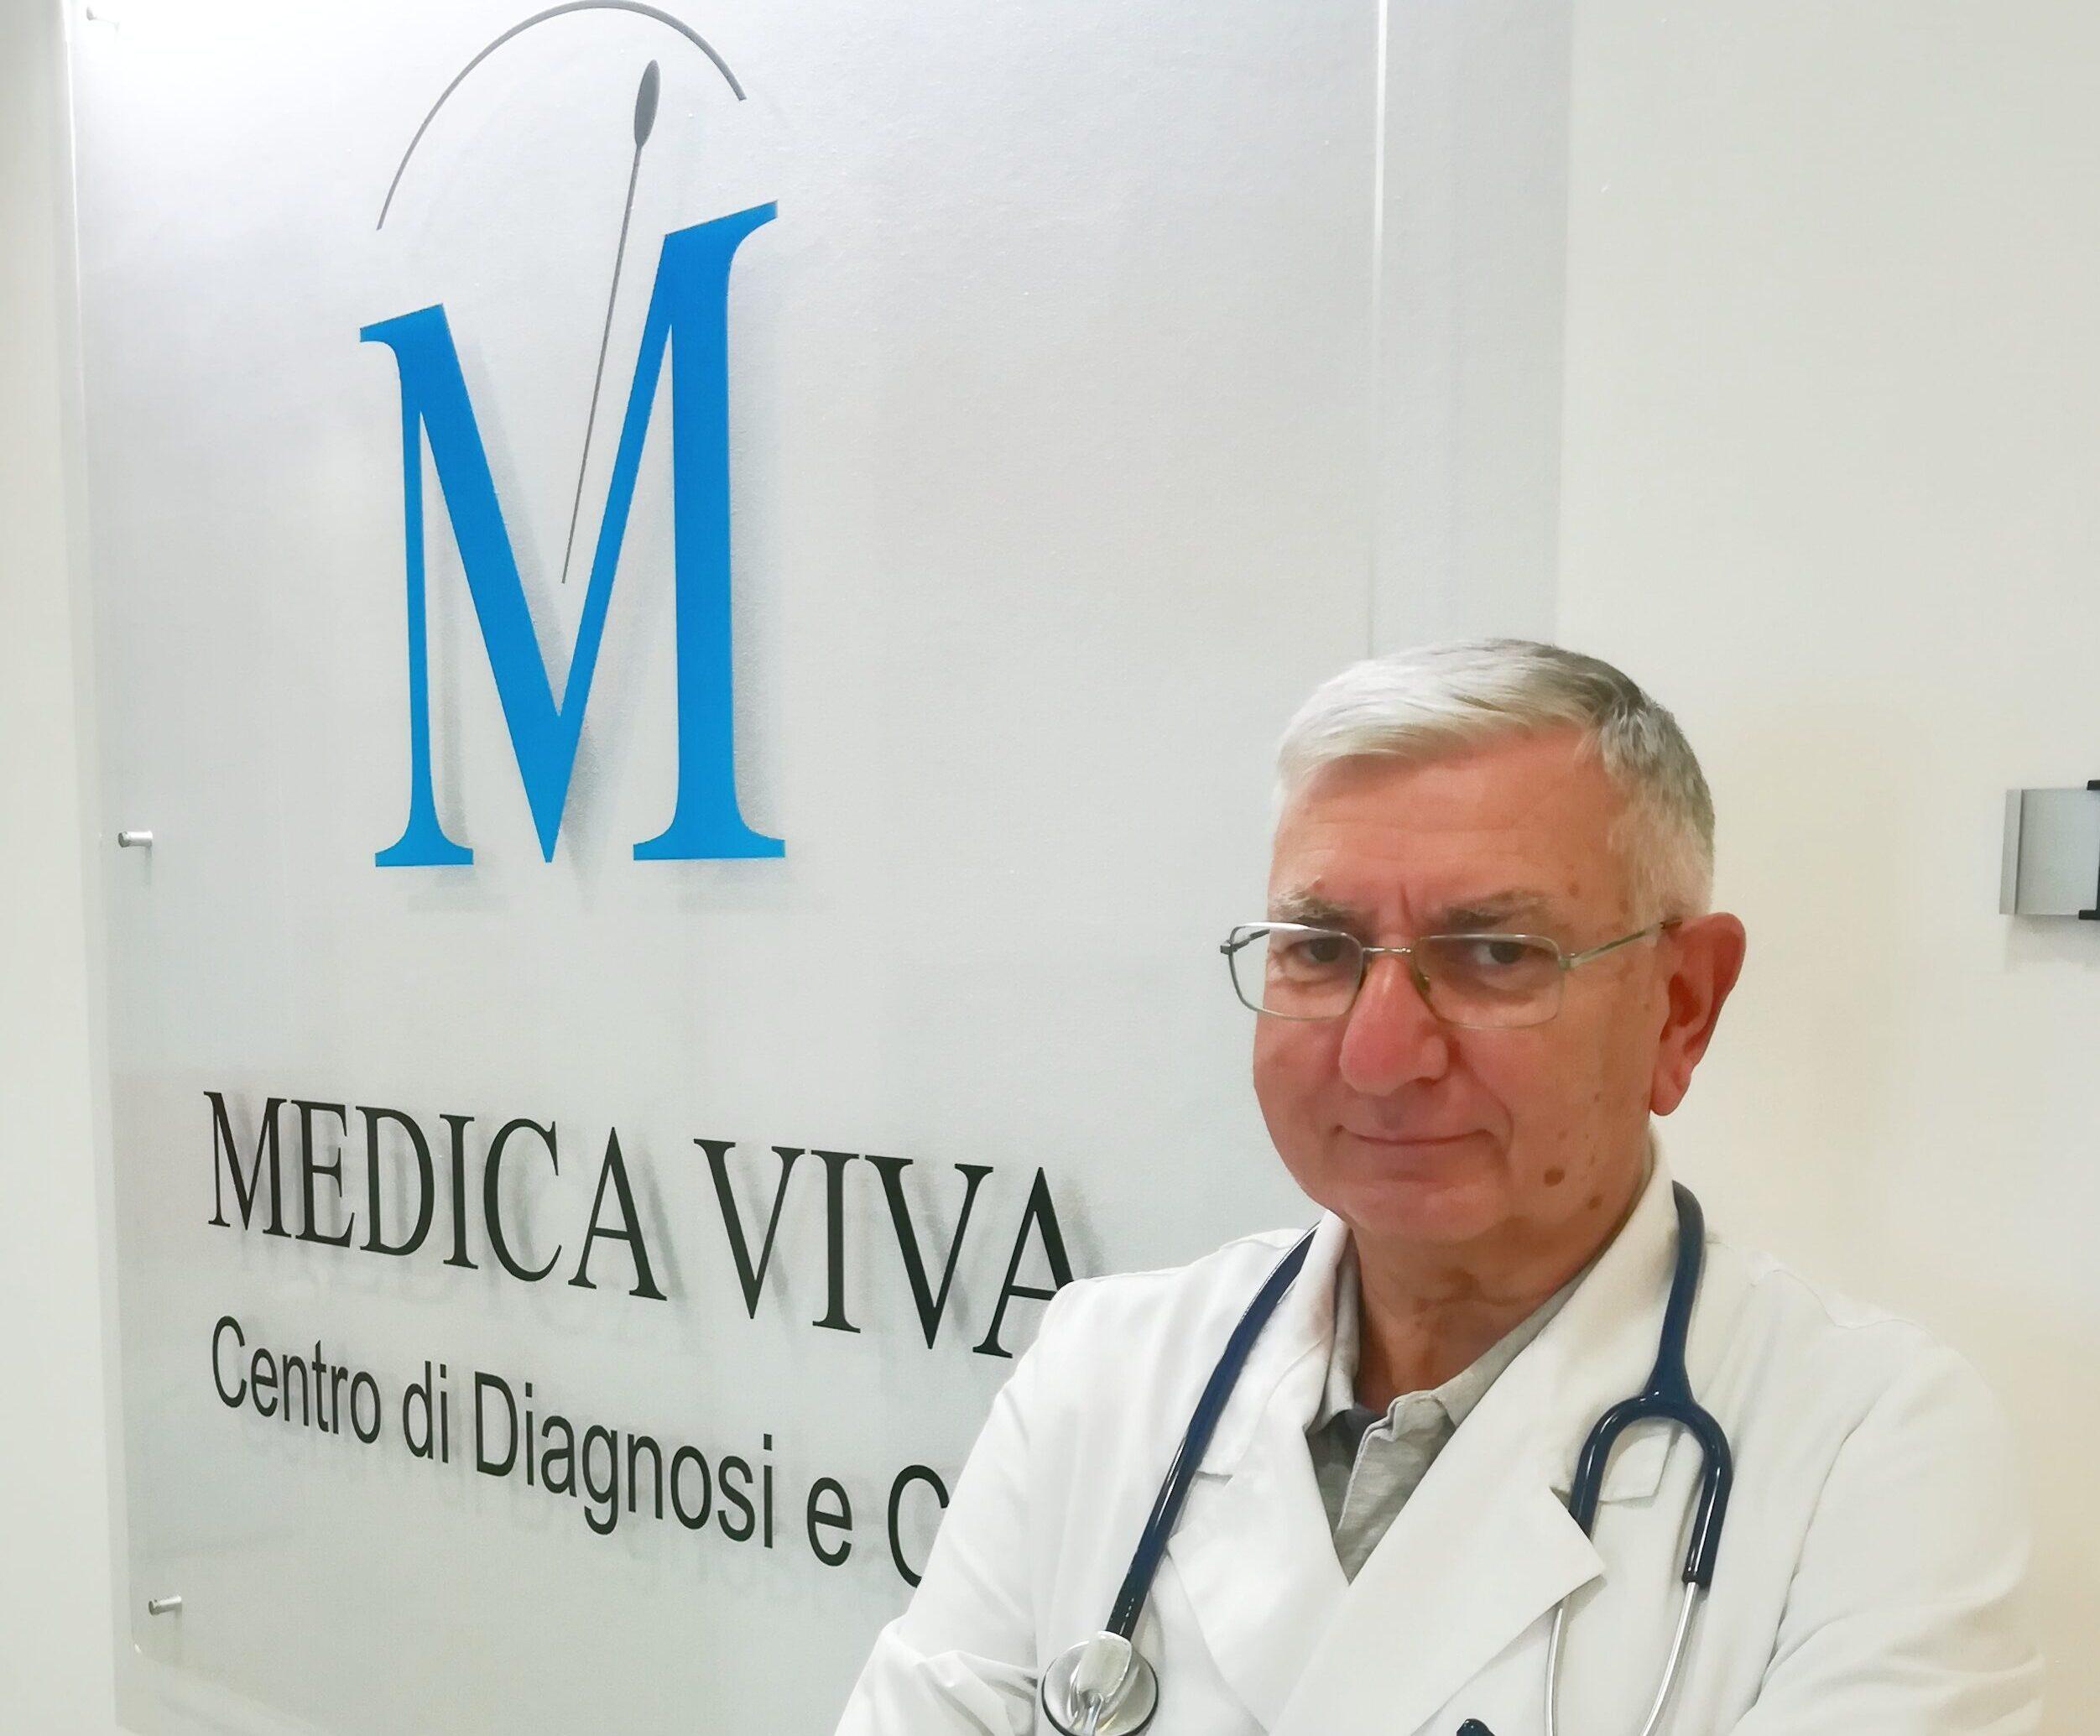 DR. ROBERTO CARLON